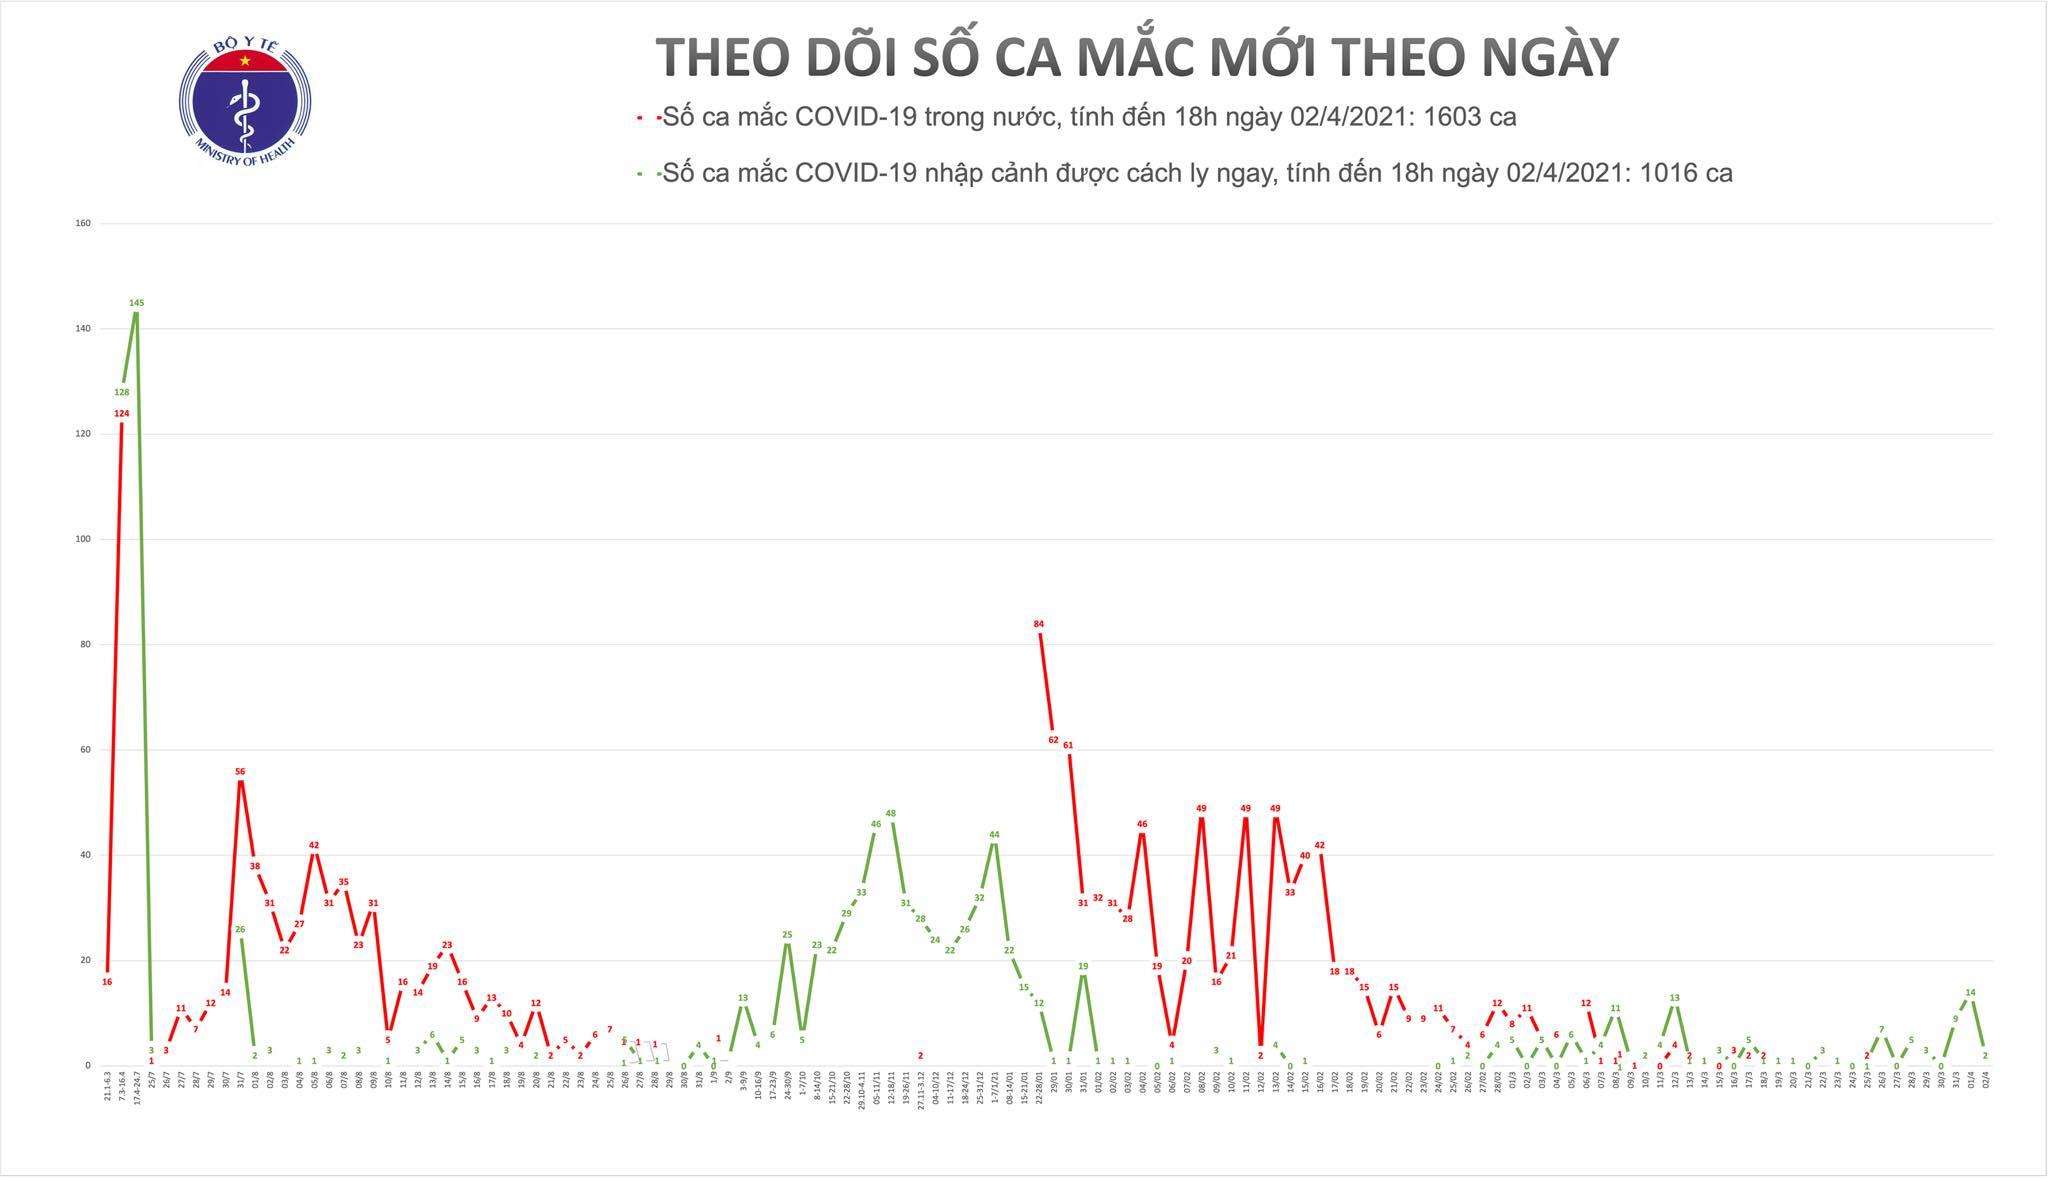 Chiều 2/4, Quảng Ninh, Tây Ninh và TP Hồ Chí Minh có 3 ca mắc COVID-19 - Ảnh 1.